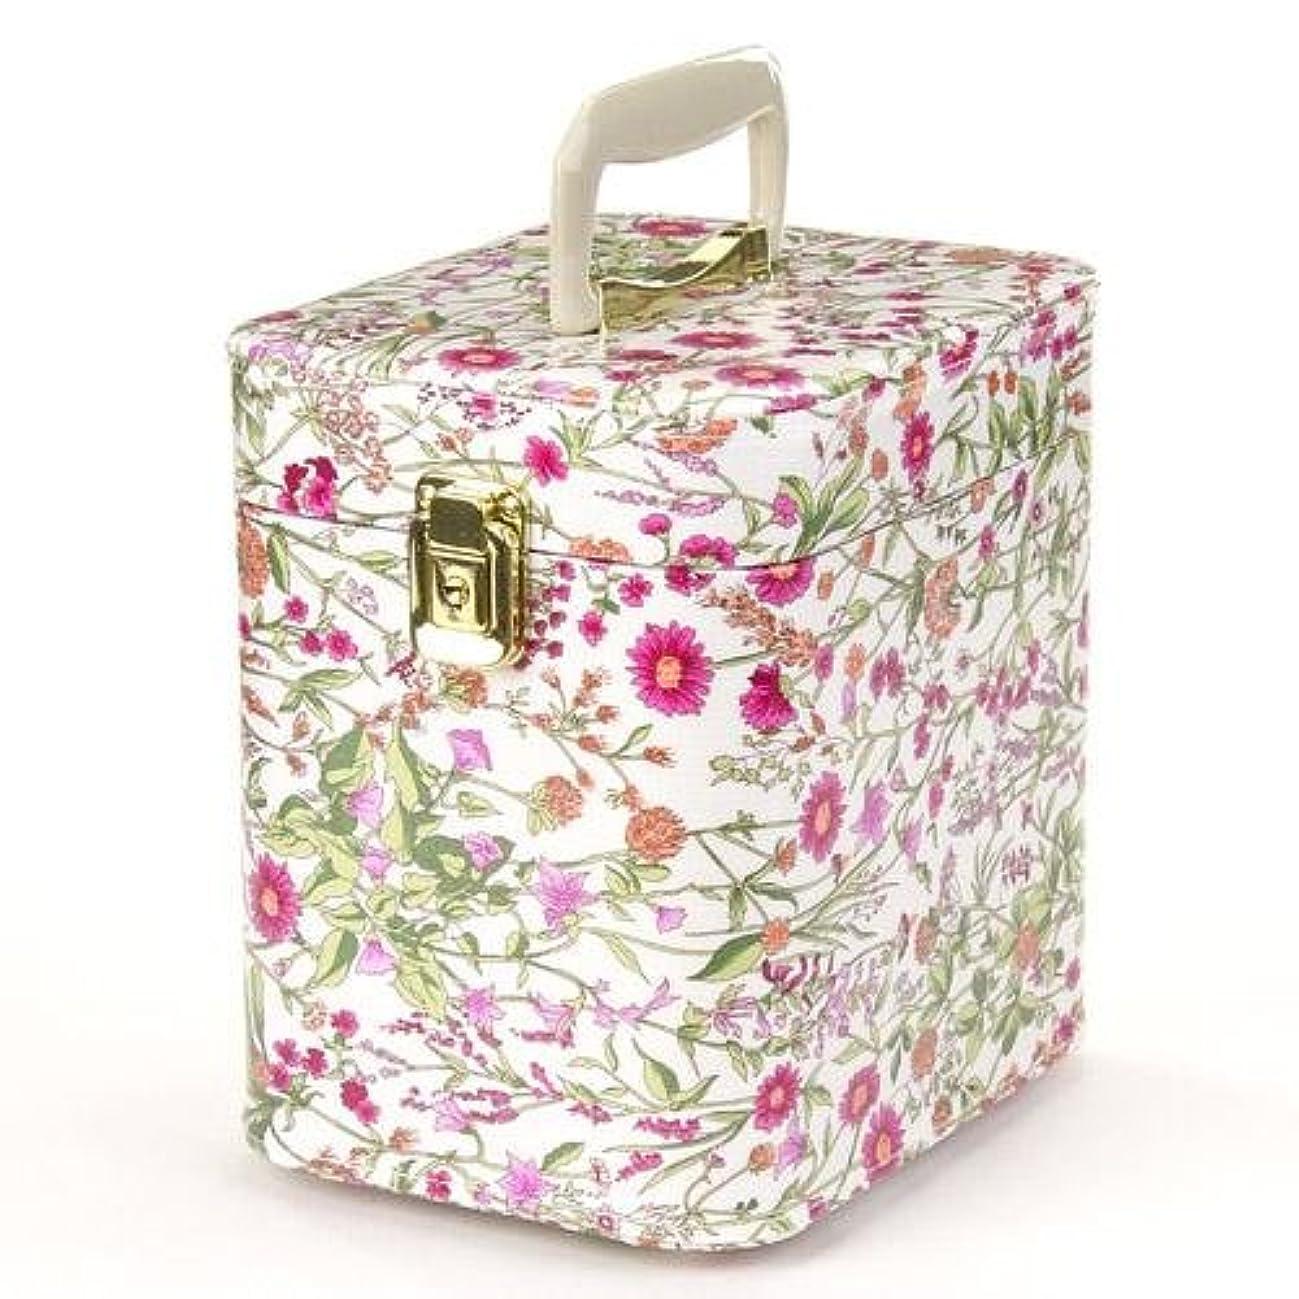 階下整然とした葉を拾う日本製 メイクボックス トレンケース ハーブガーデン 7寸 ピンク  (鍵付き/コスメボックス)